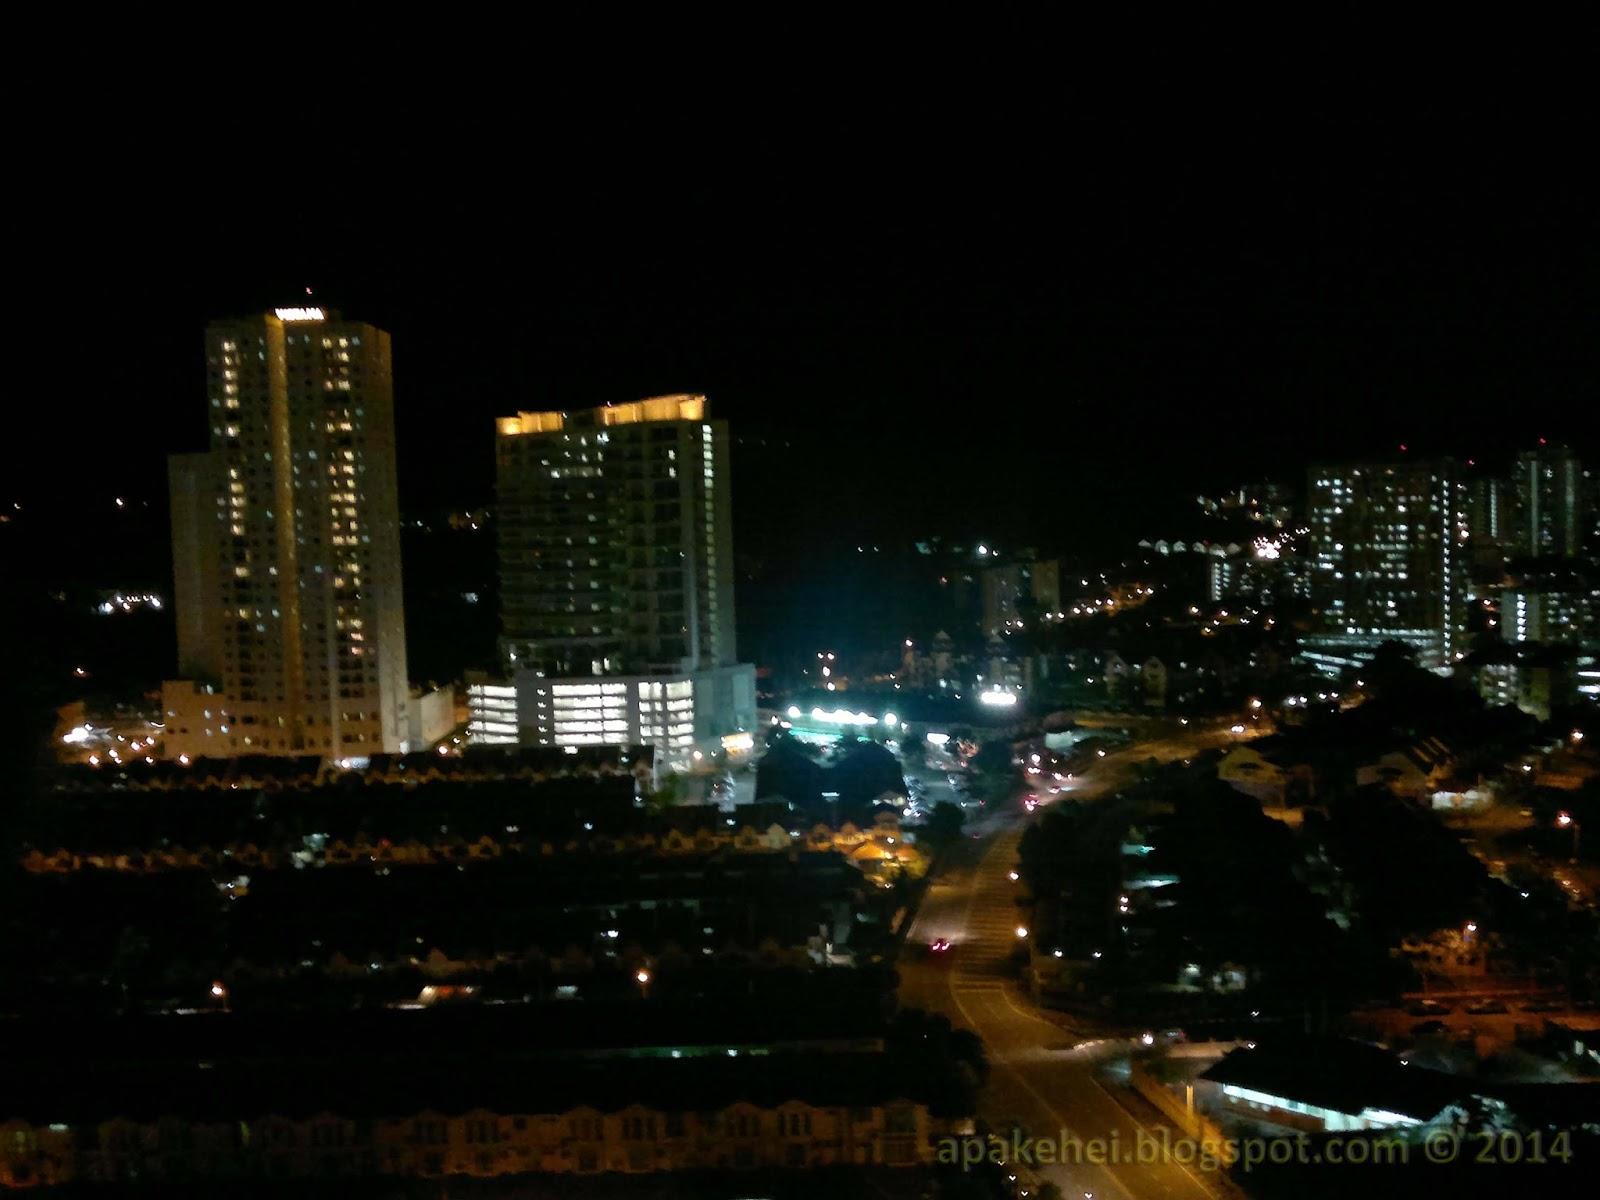 Vistana Hotel, Pulau Pinang